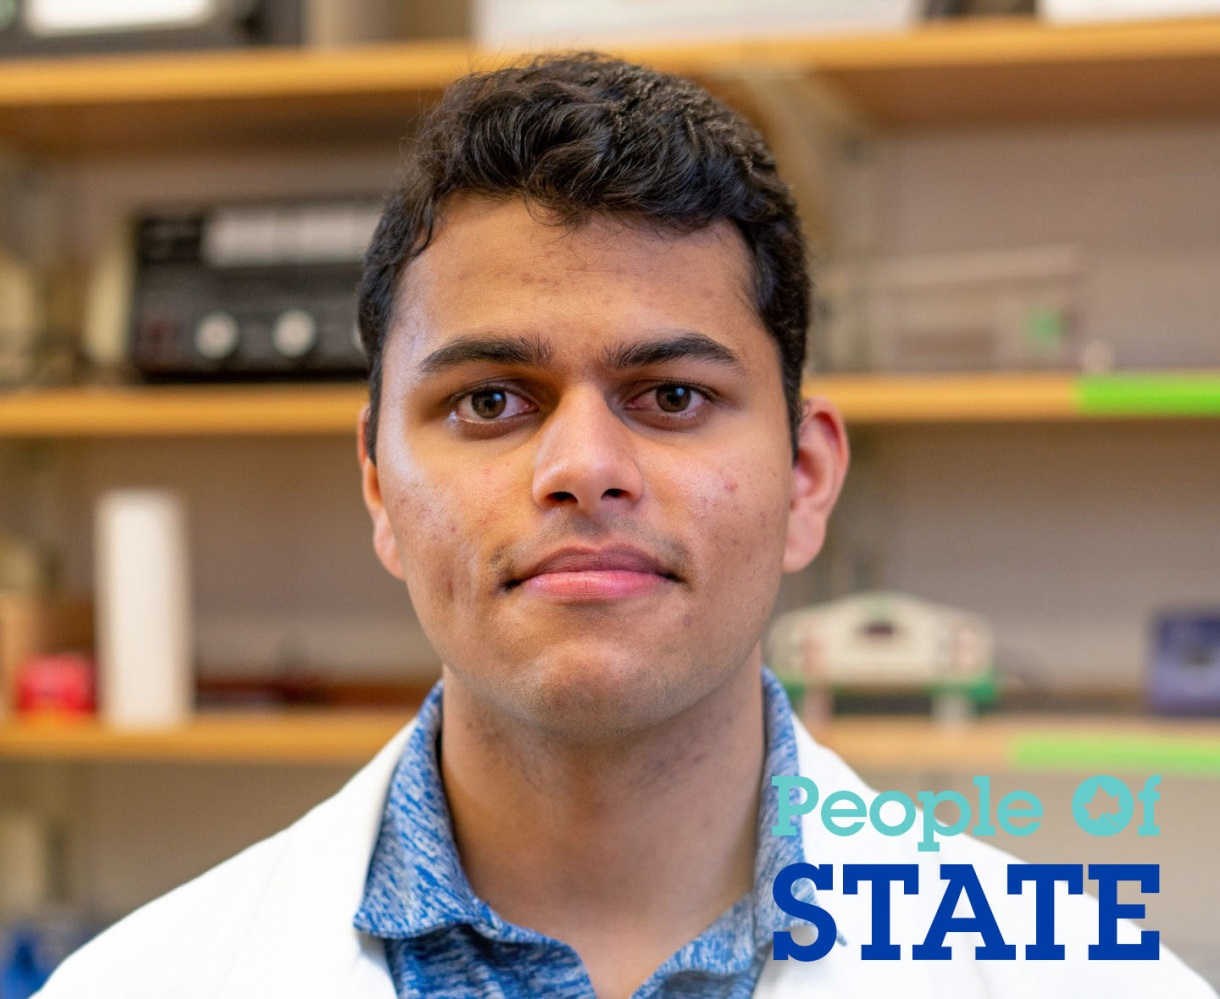 People of STATE: Tejas Kandharkar